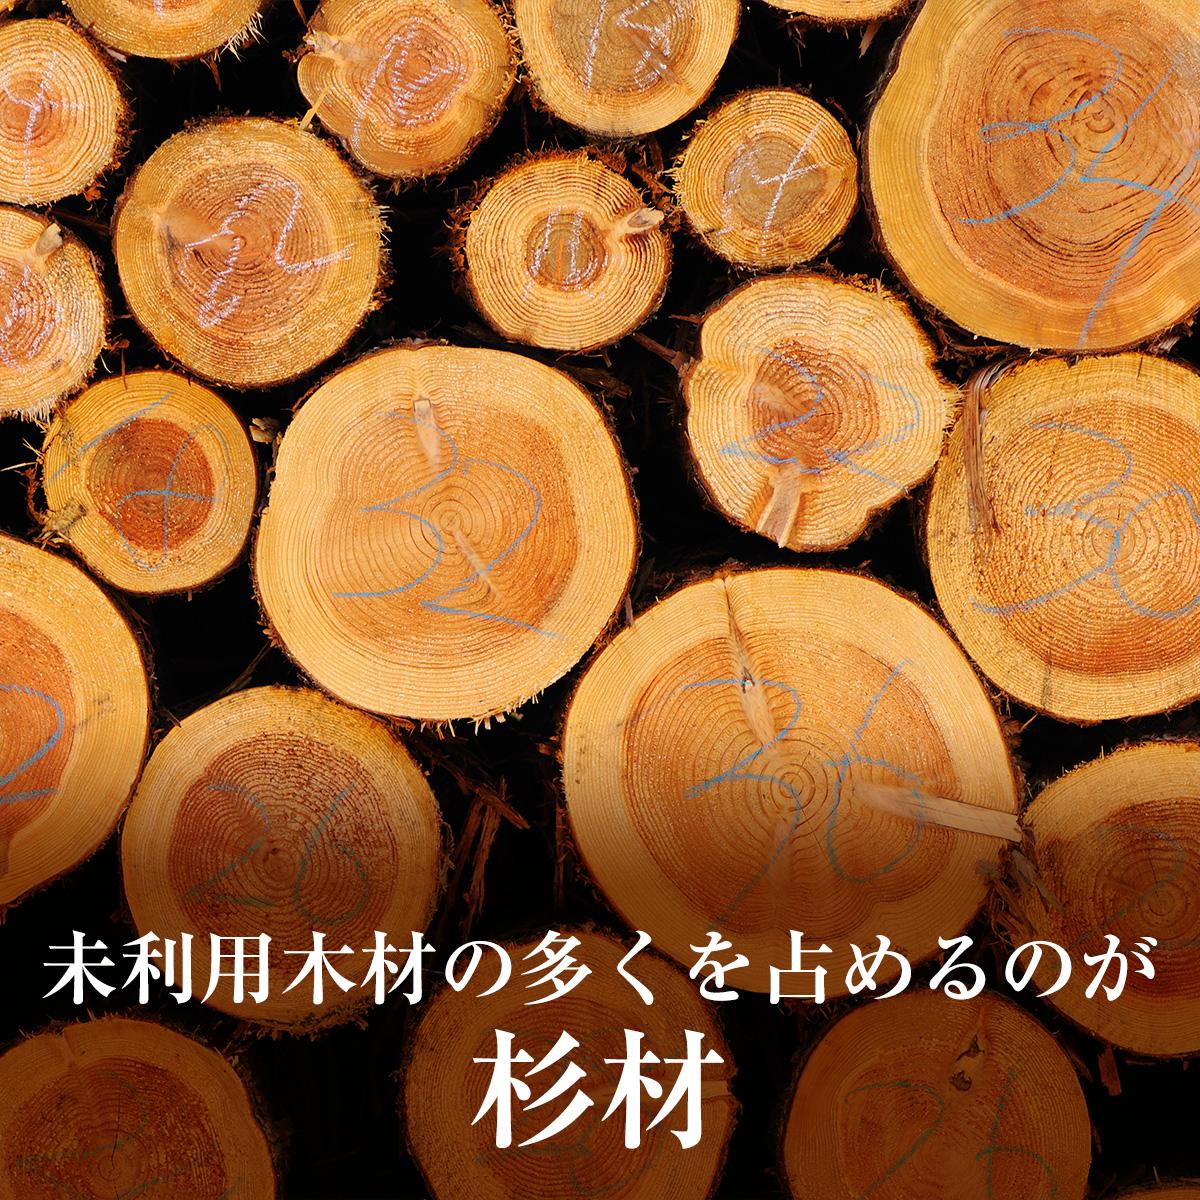 未利用木材の多くを占めるのが杉材